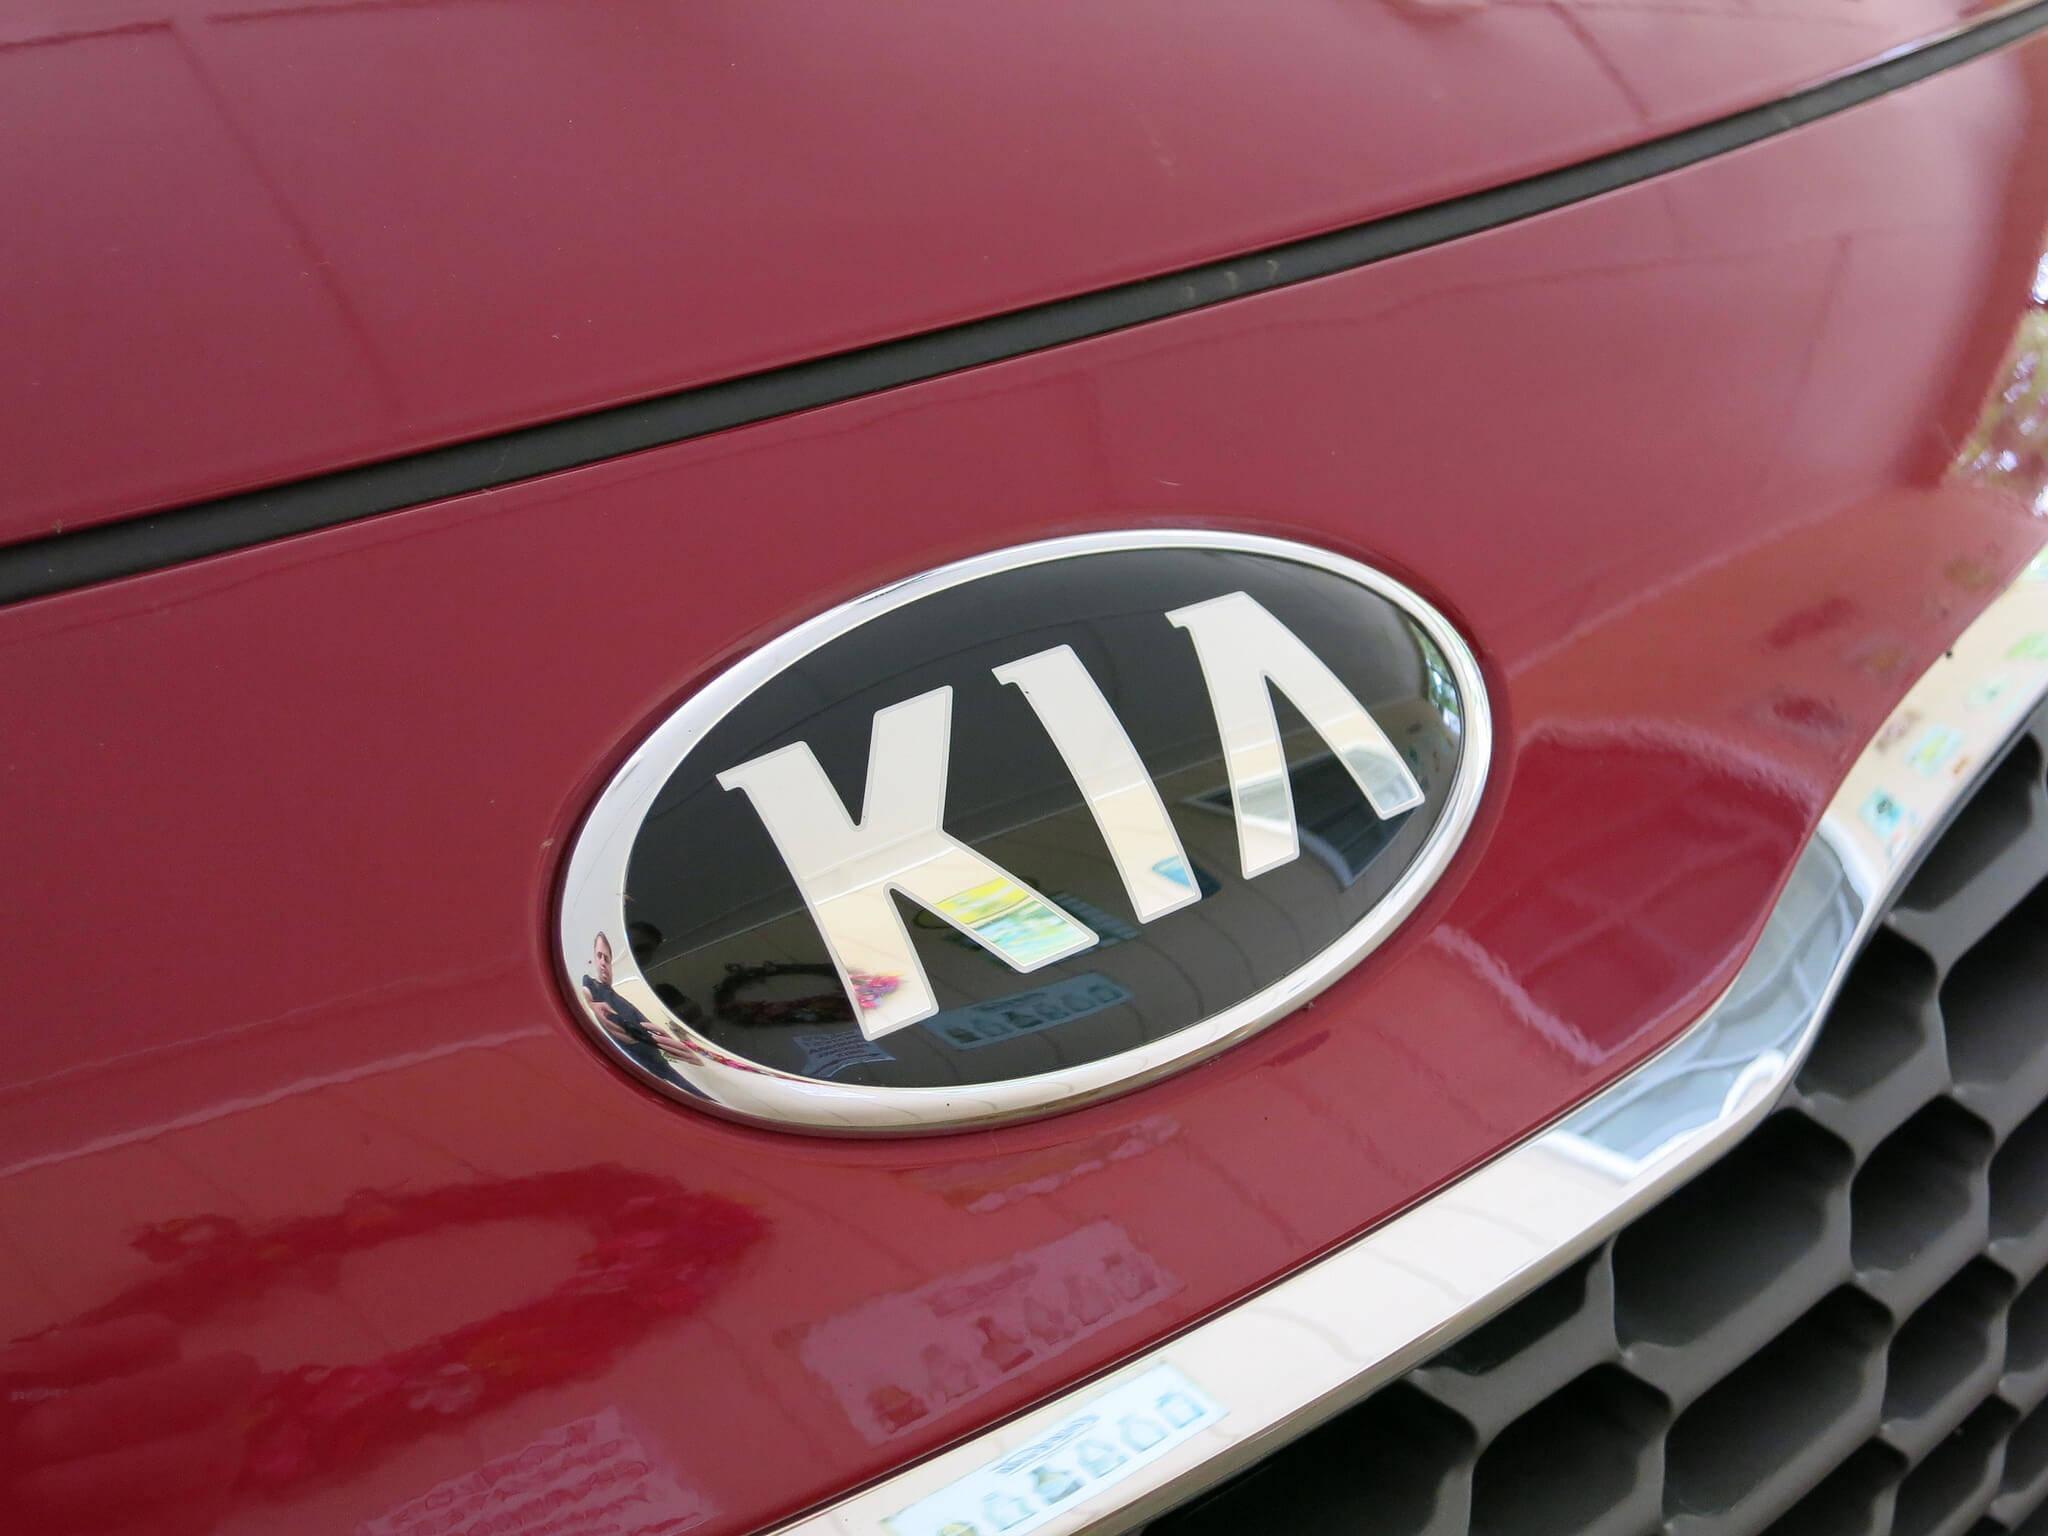 Kia Presenteert Niro Als Elektrische Auto Op Ces 2018